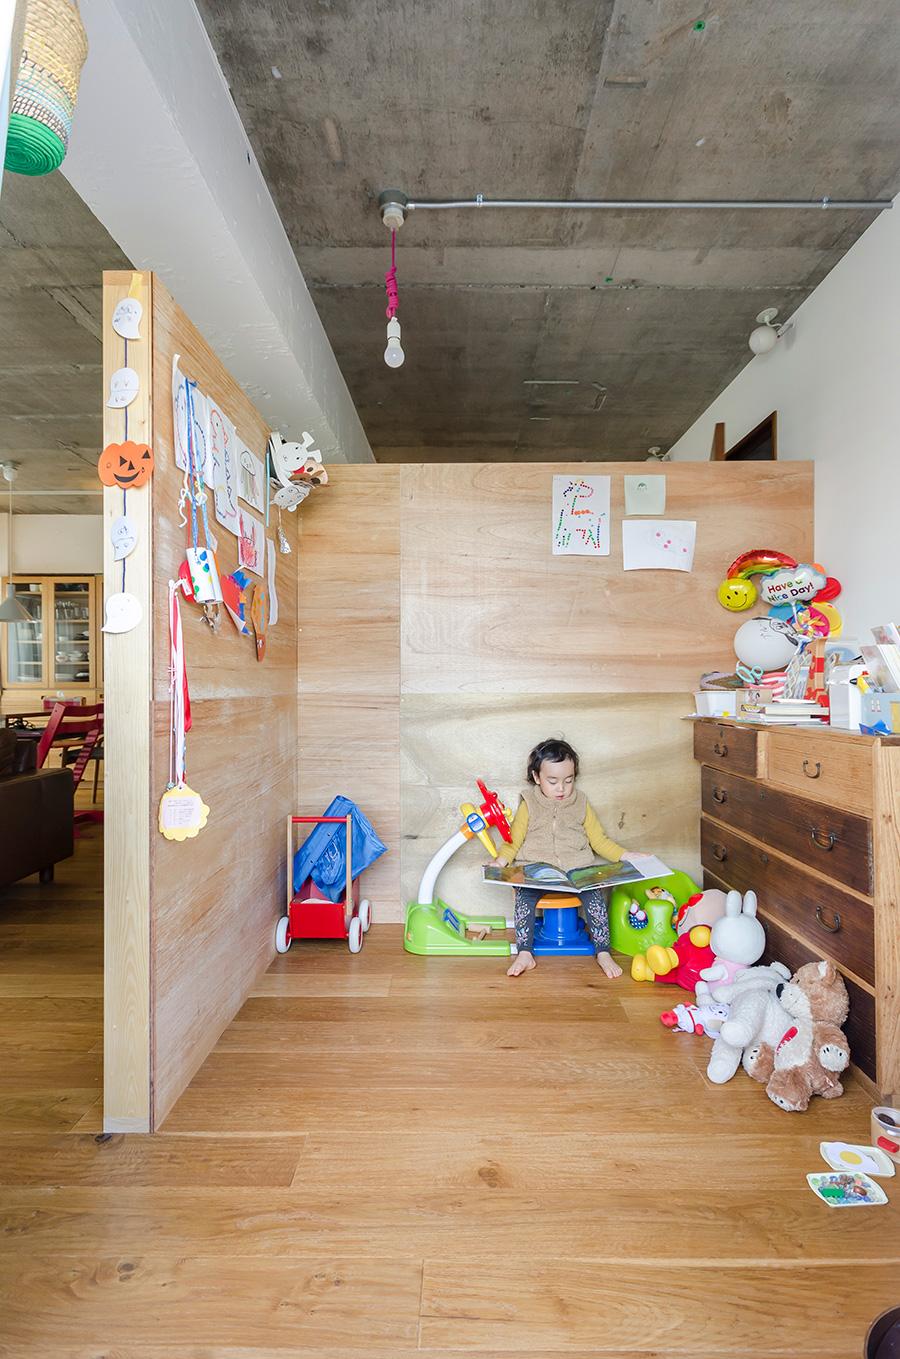 視界が遮られることで子供も気兼ねなく遊びに集中できる様子。